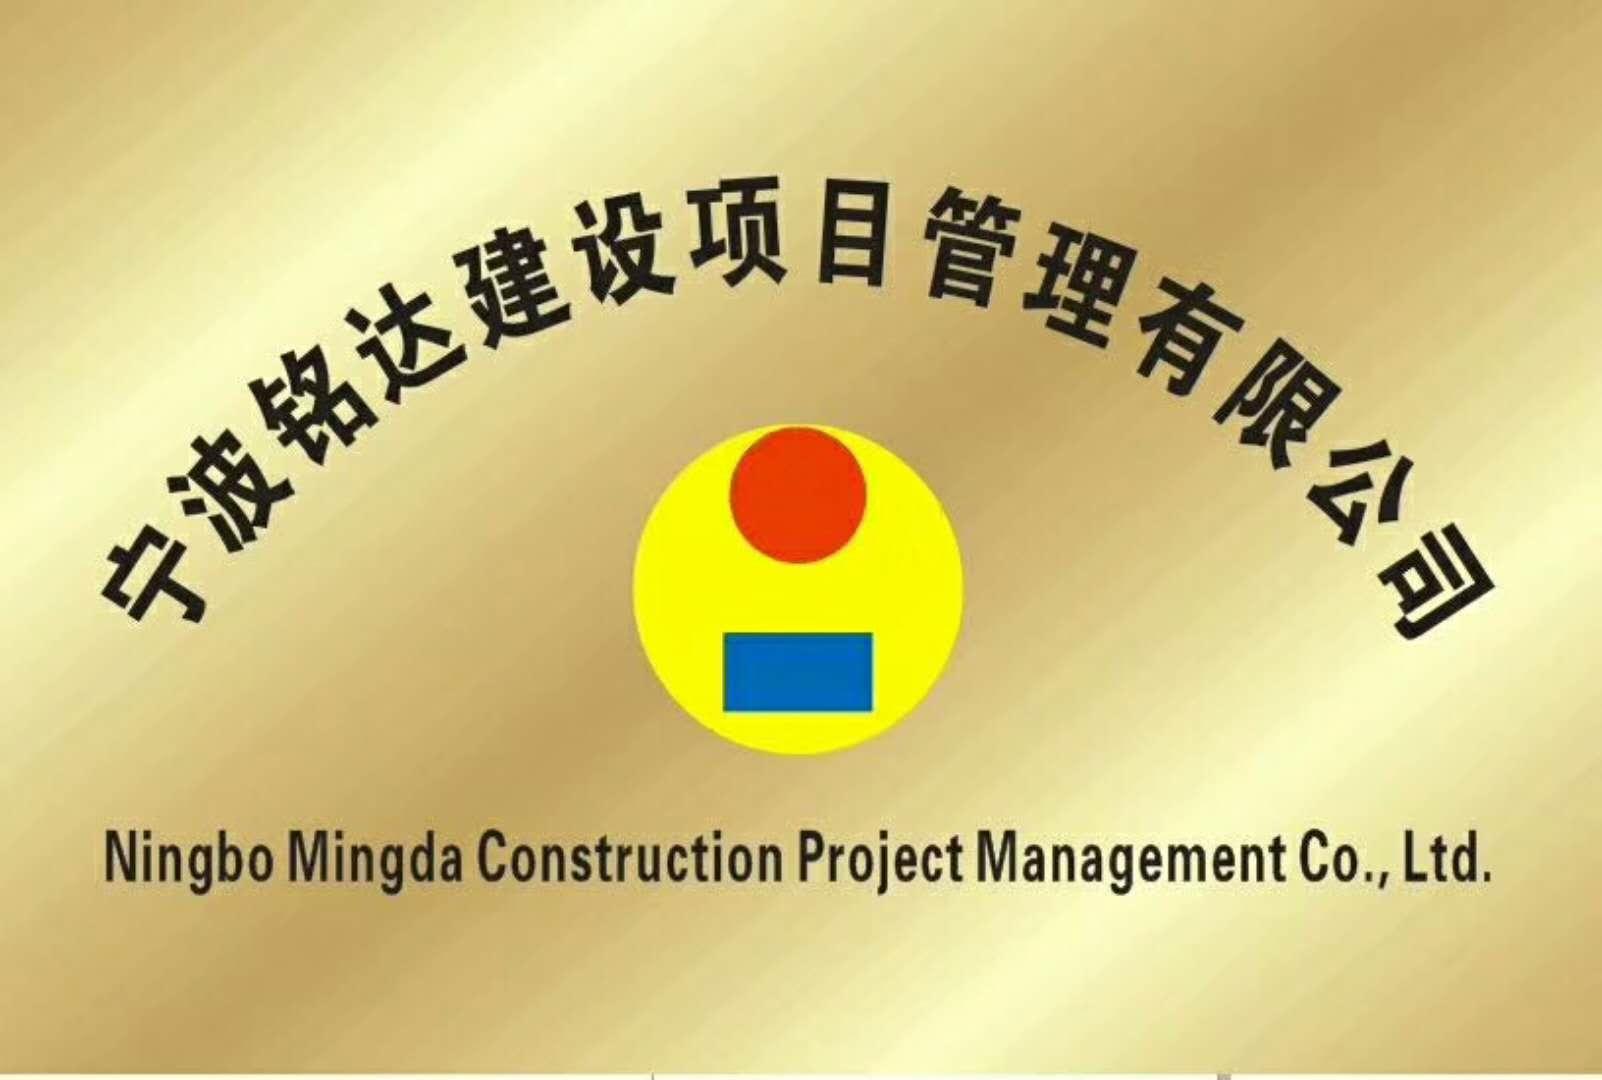 宁波铭达建设项目管理有限公司